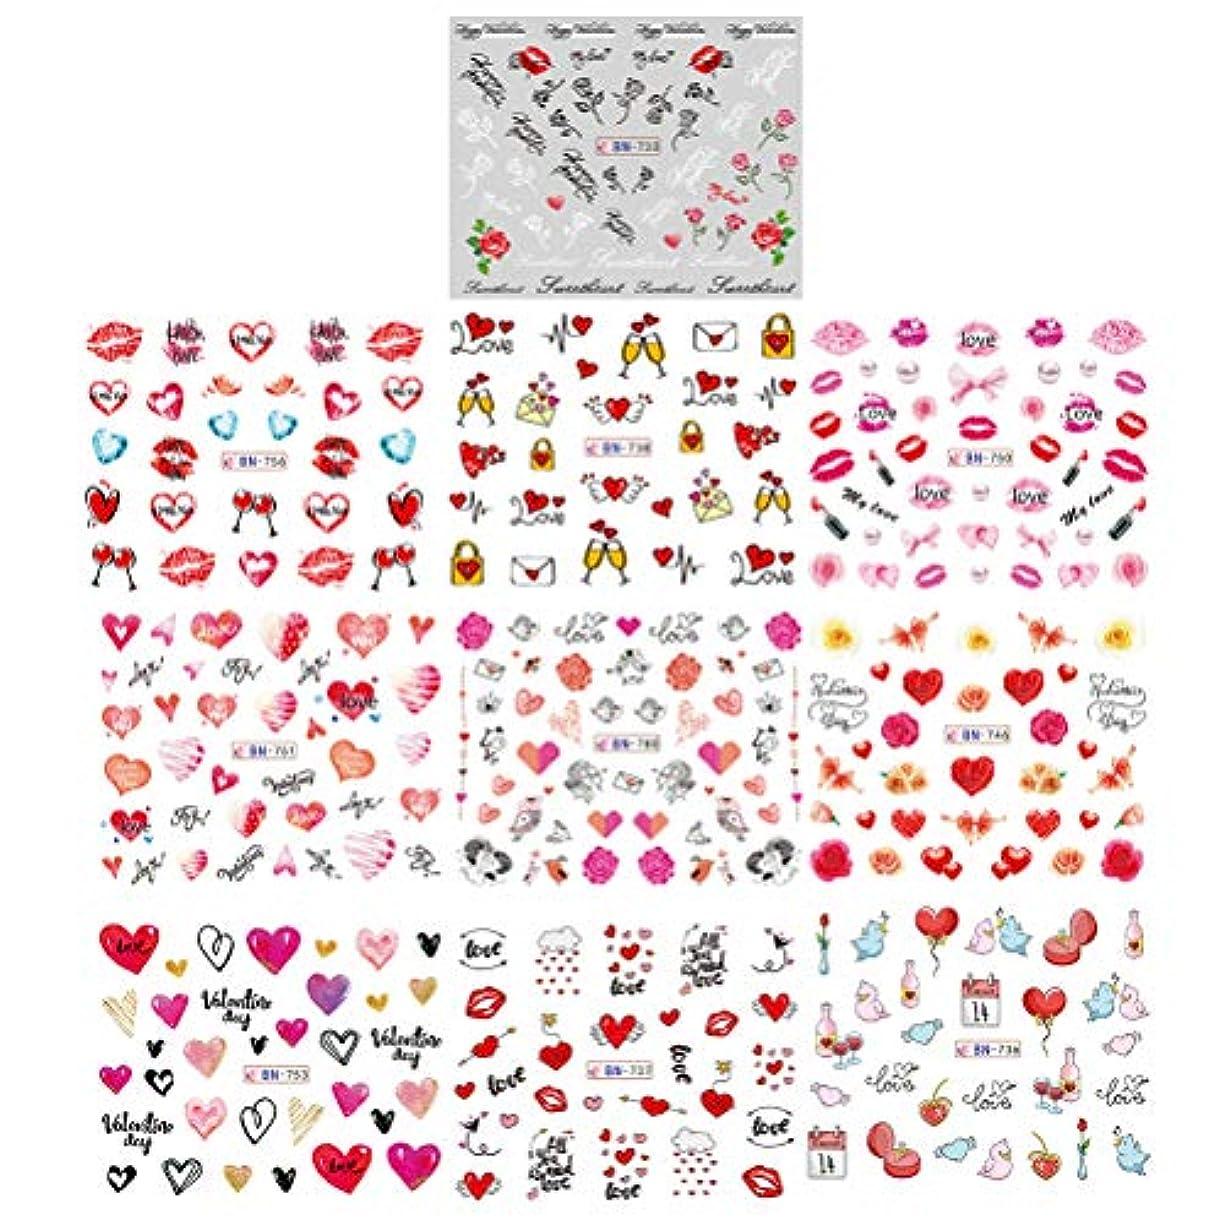 使い込むキャンパス独立してFrcolor ネイルシール love ネイルステッカー 花柄デザイン ネイルアートシール 爪に貼るだけ マニキュア 10枚セット バレンタインデー飾り